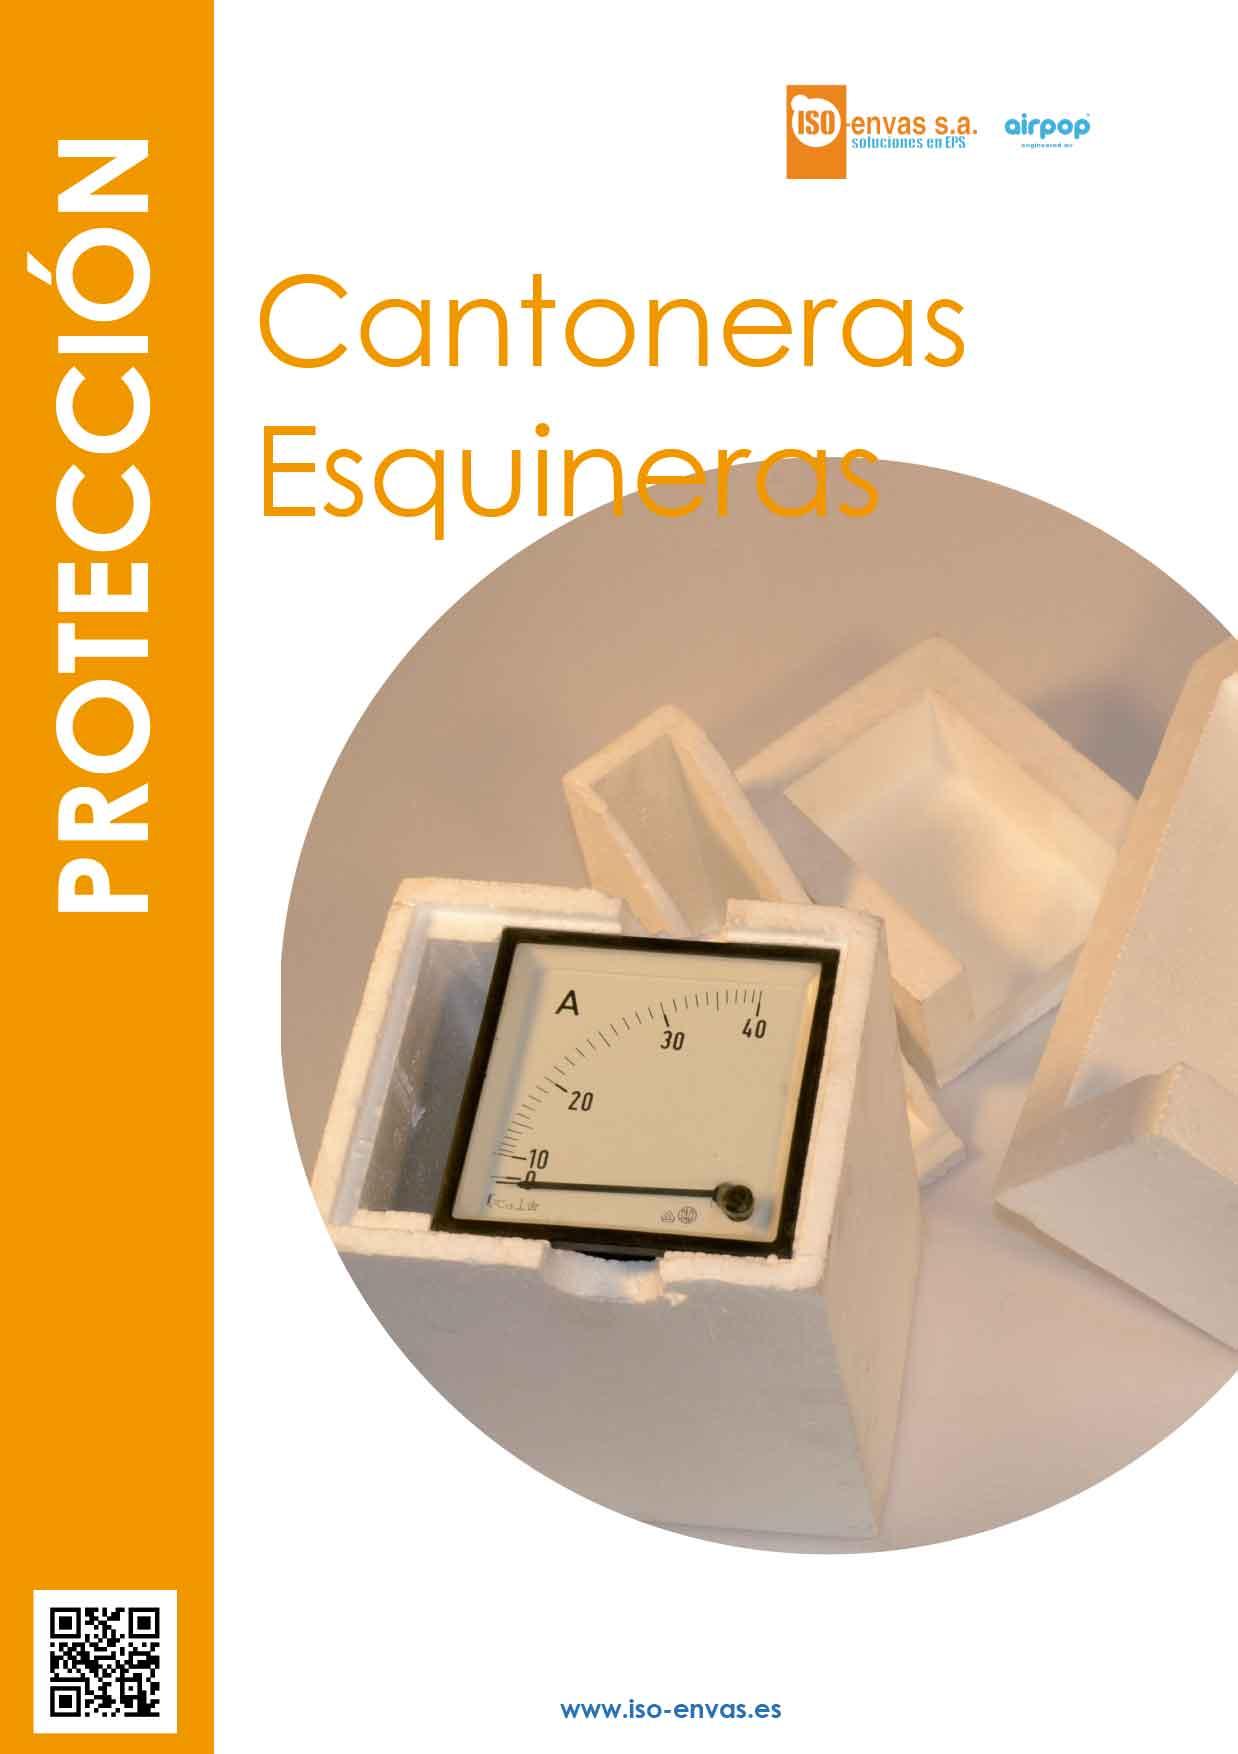 07_PROTECCION_CANTONERAS_ESQUINERAS-1